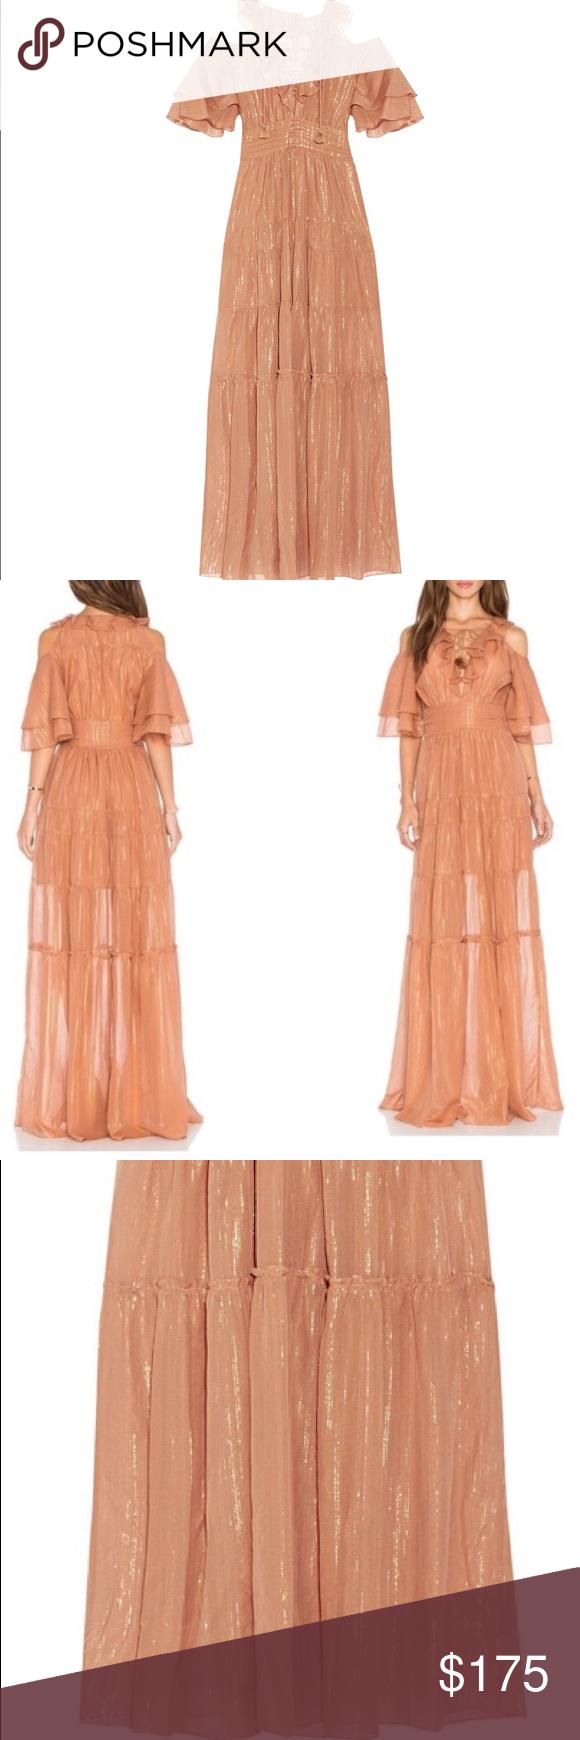 Rachel Zoe Danielle Metallic Maxi Dress Rachel Zoe Dresses Dresses Maxi Dress [ 1740 x 580 Pixel ]